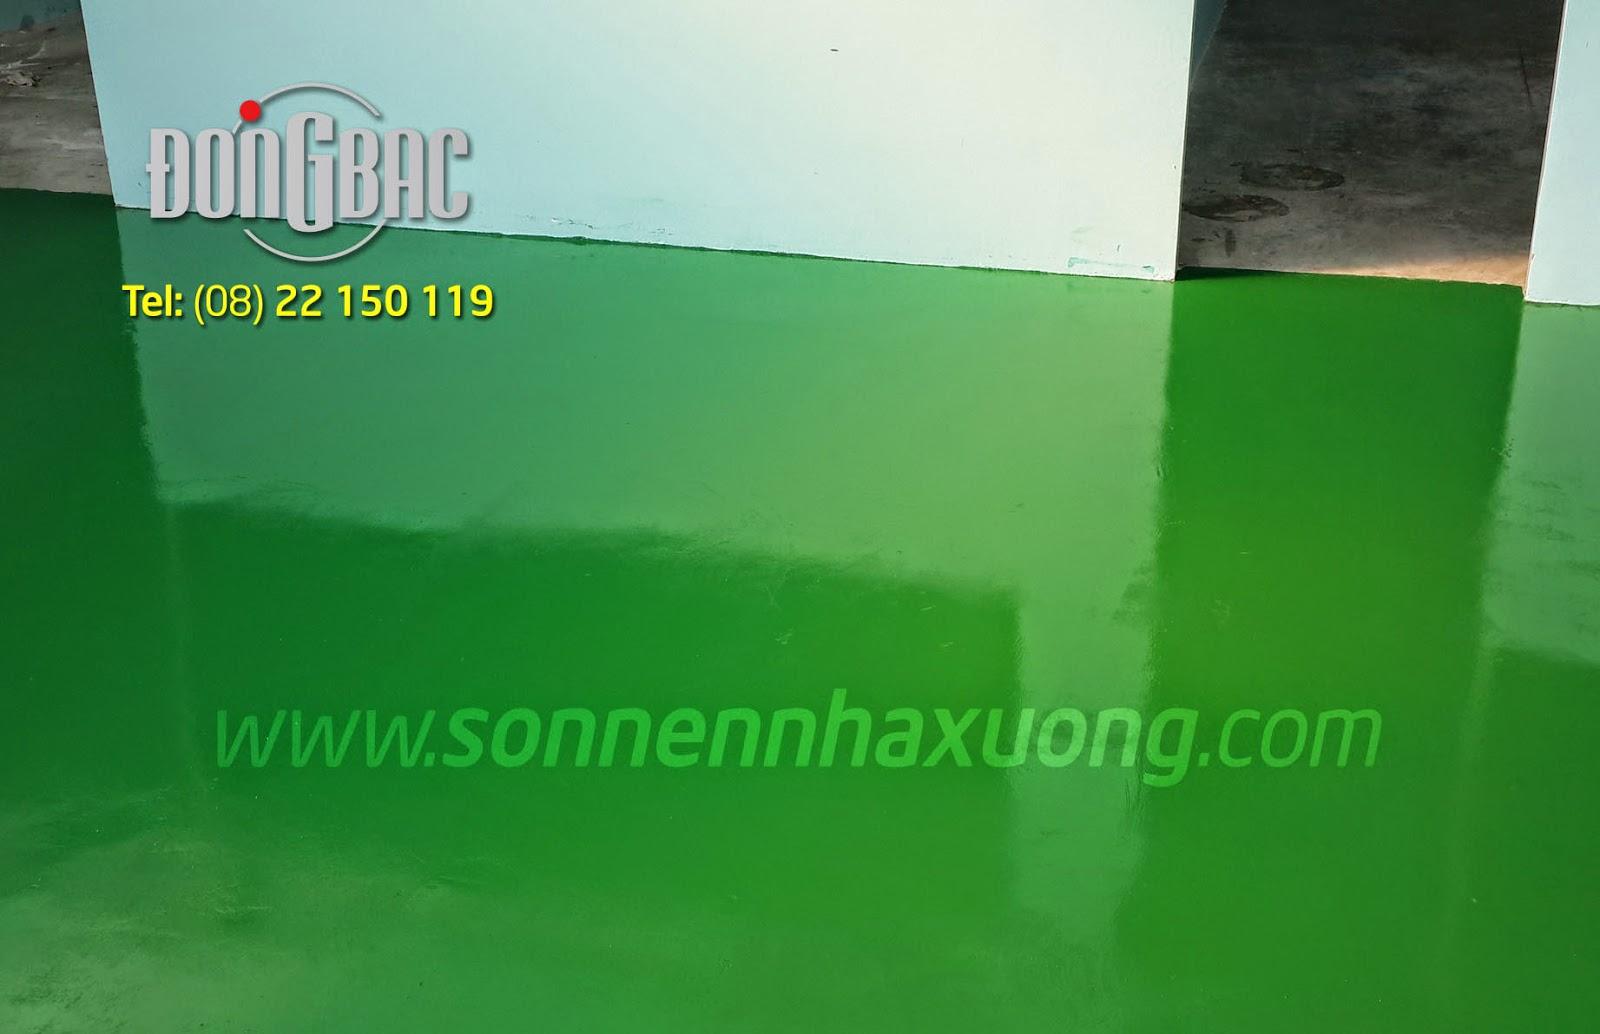 Cung cấp sơn nền epoxy giá rẻ tphcm